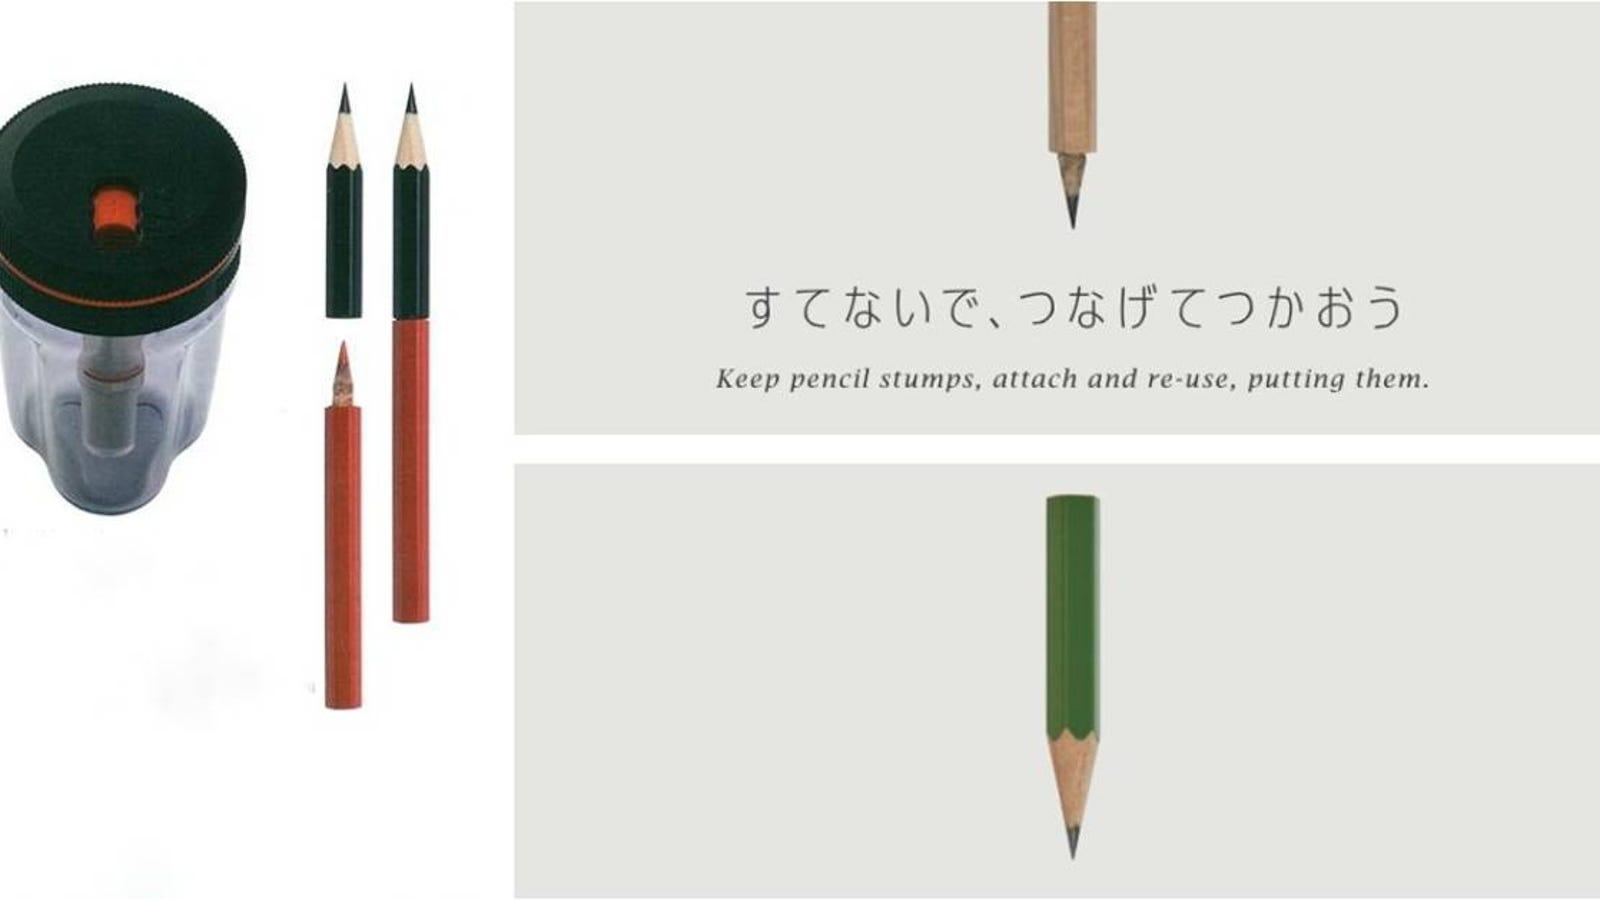 Este ingenioso sacapuntas convierte pequeños lápices usados en nuevos